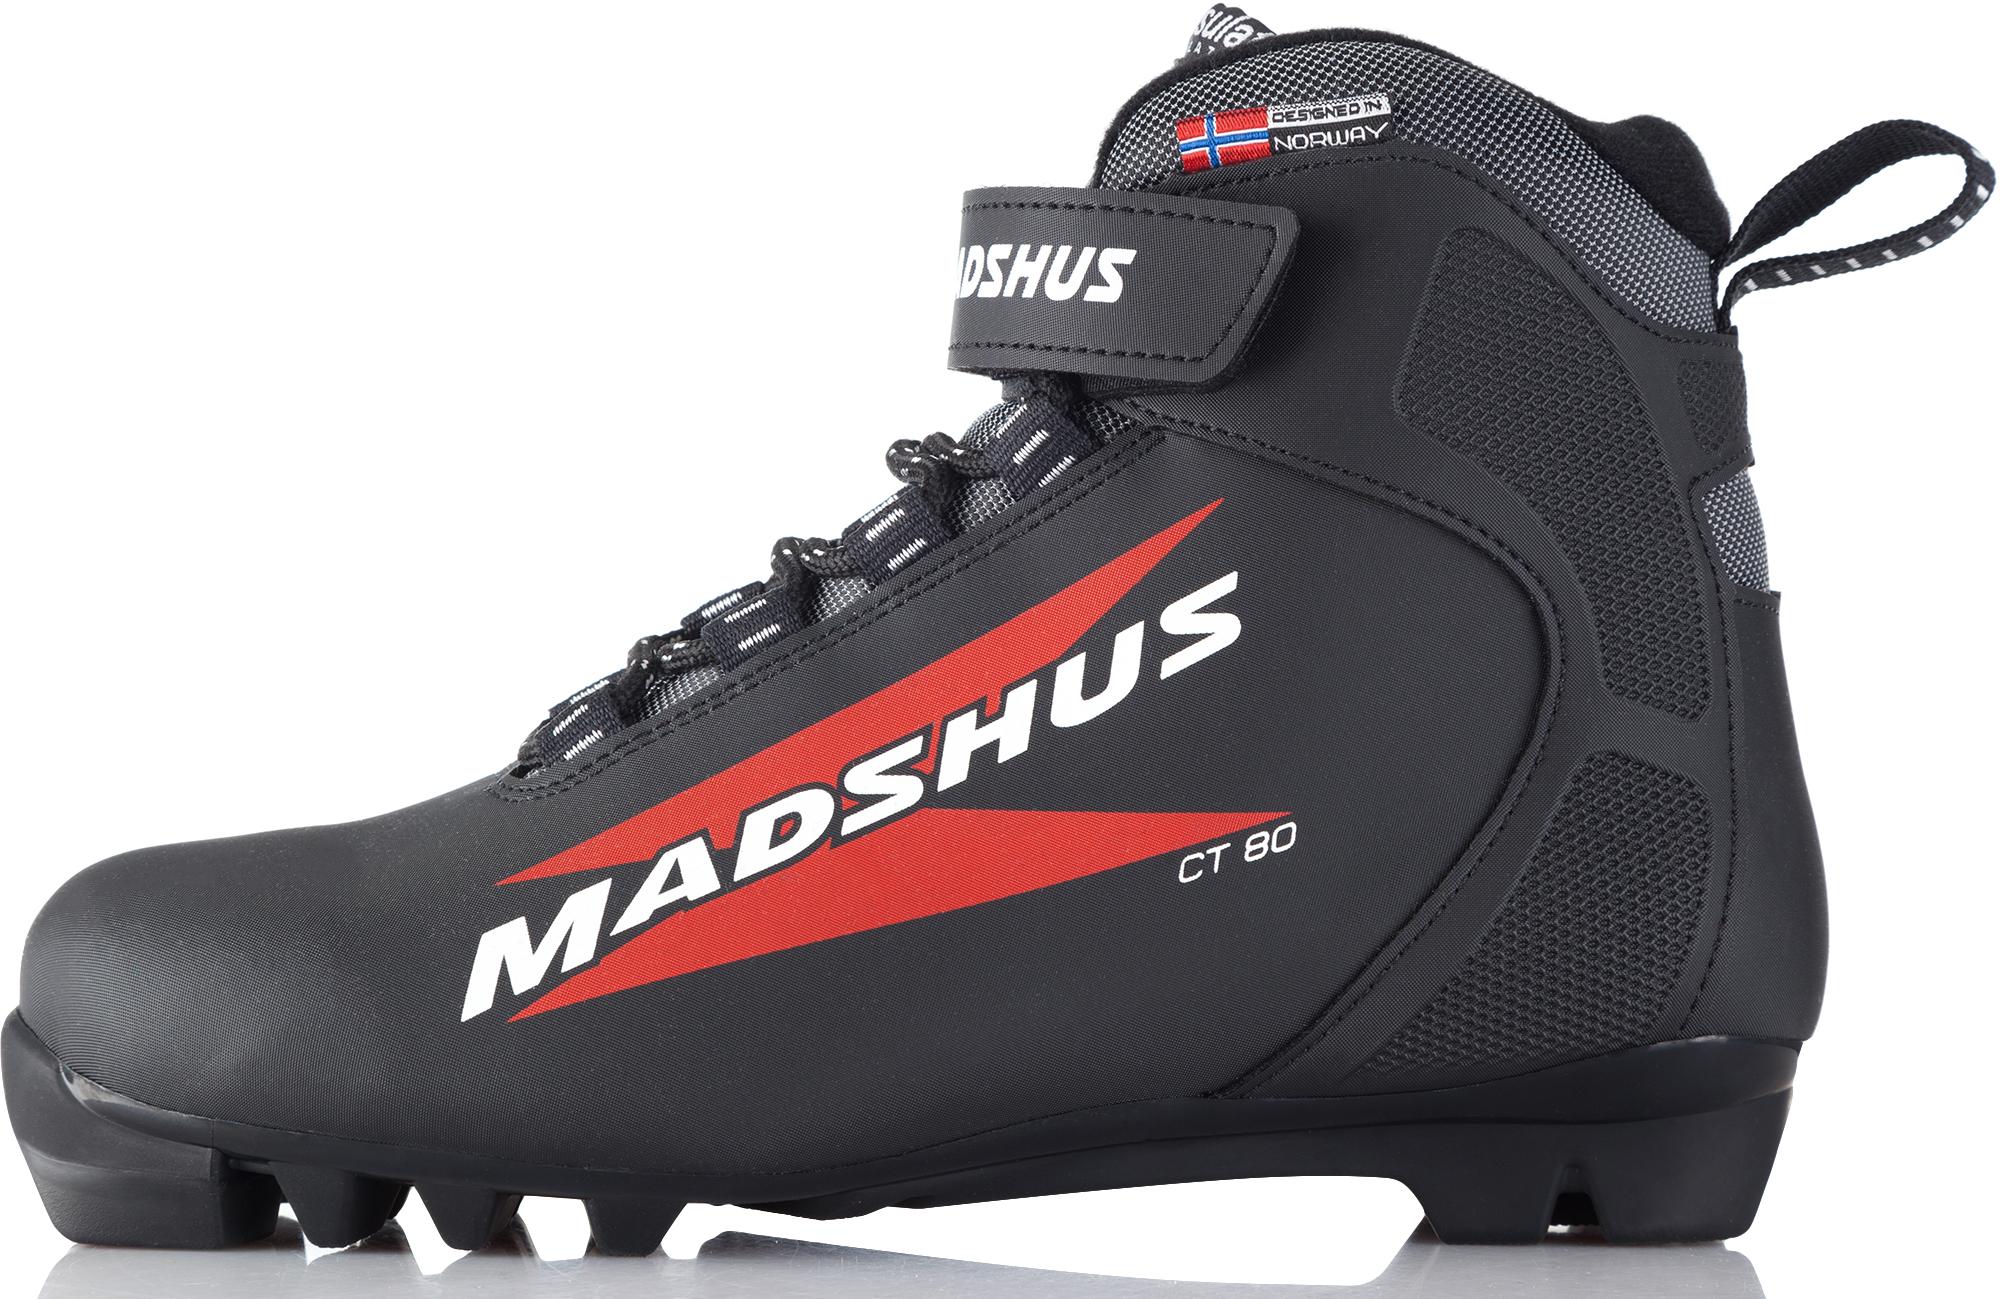 купить Madshus Ботинки для беговых лыж Madshus CT 80 дешево